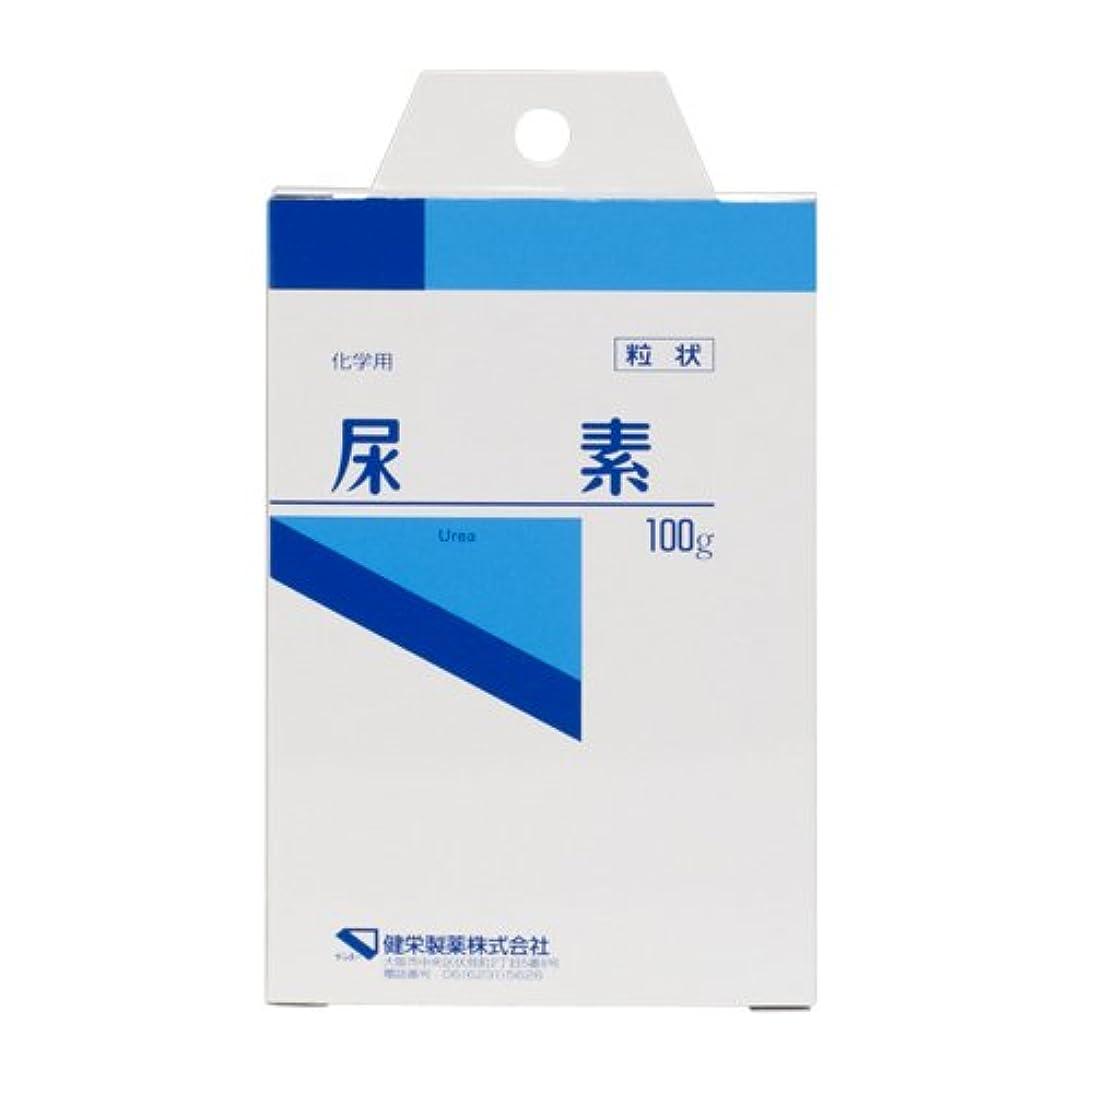 チーム保有者性的尿素(粒状) 100g